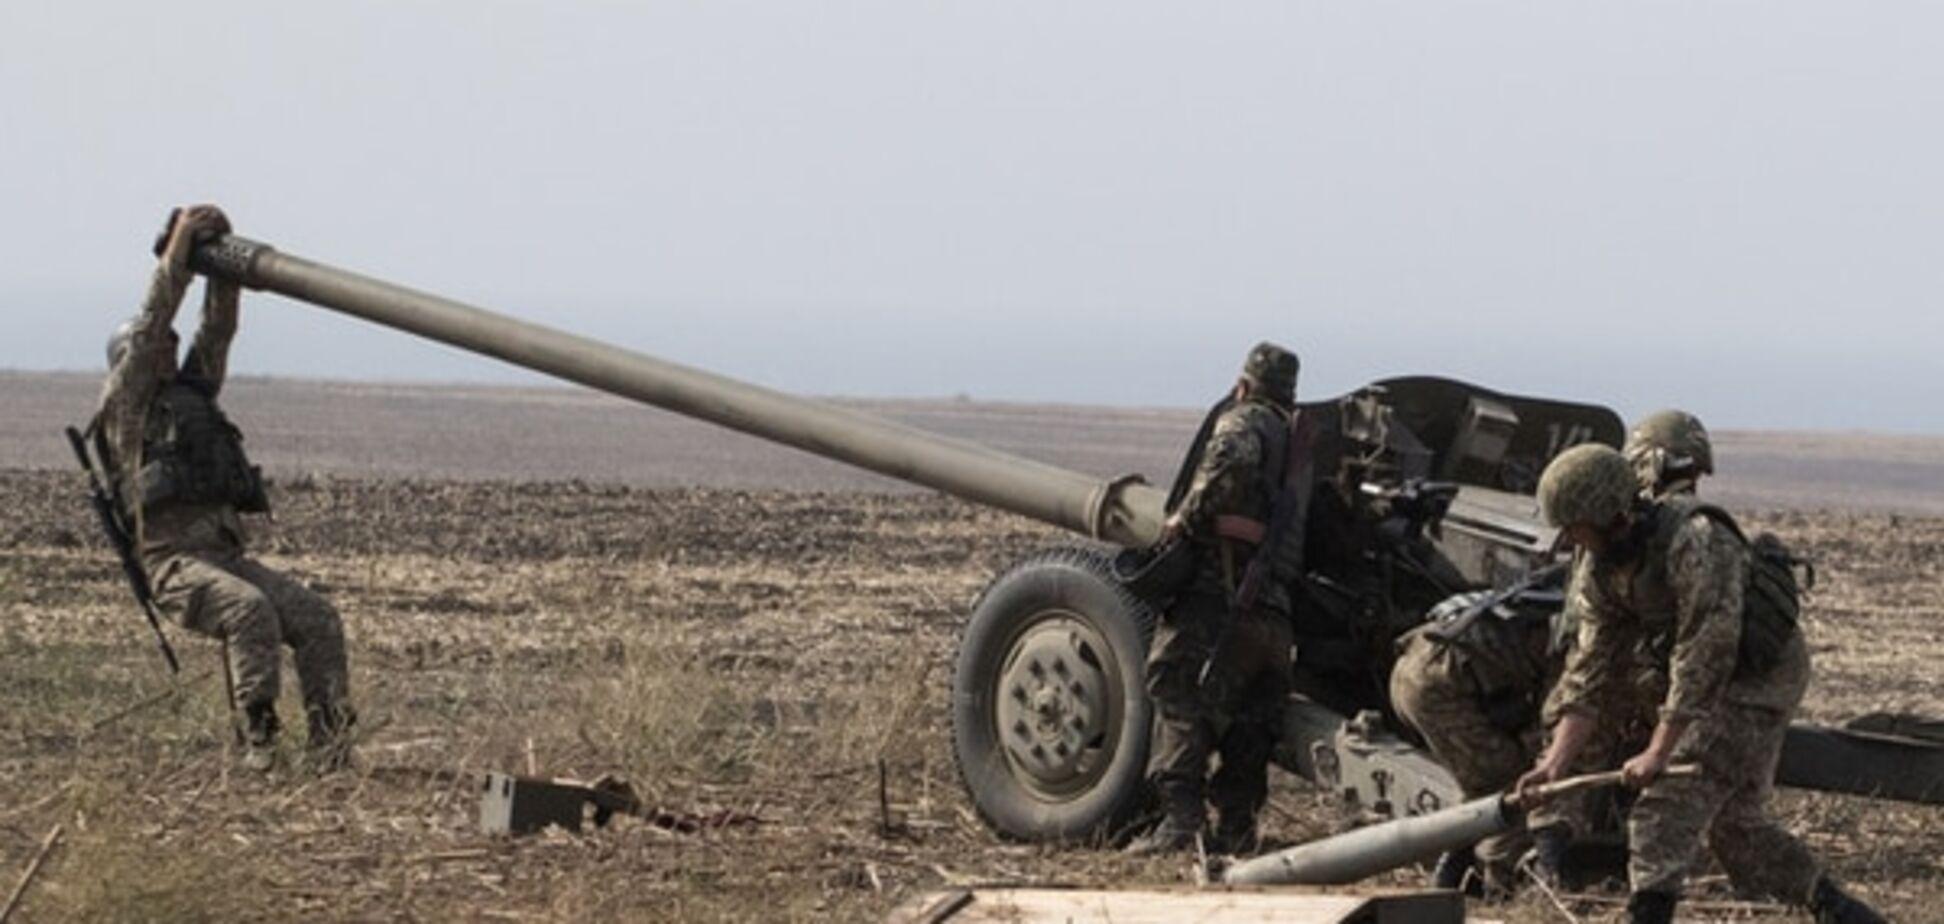 Росія не припинила війну на Донбасі, а просто взяла паузу - військовий експерт